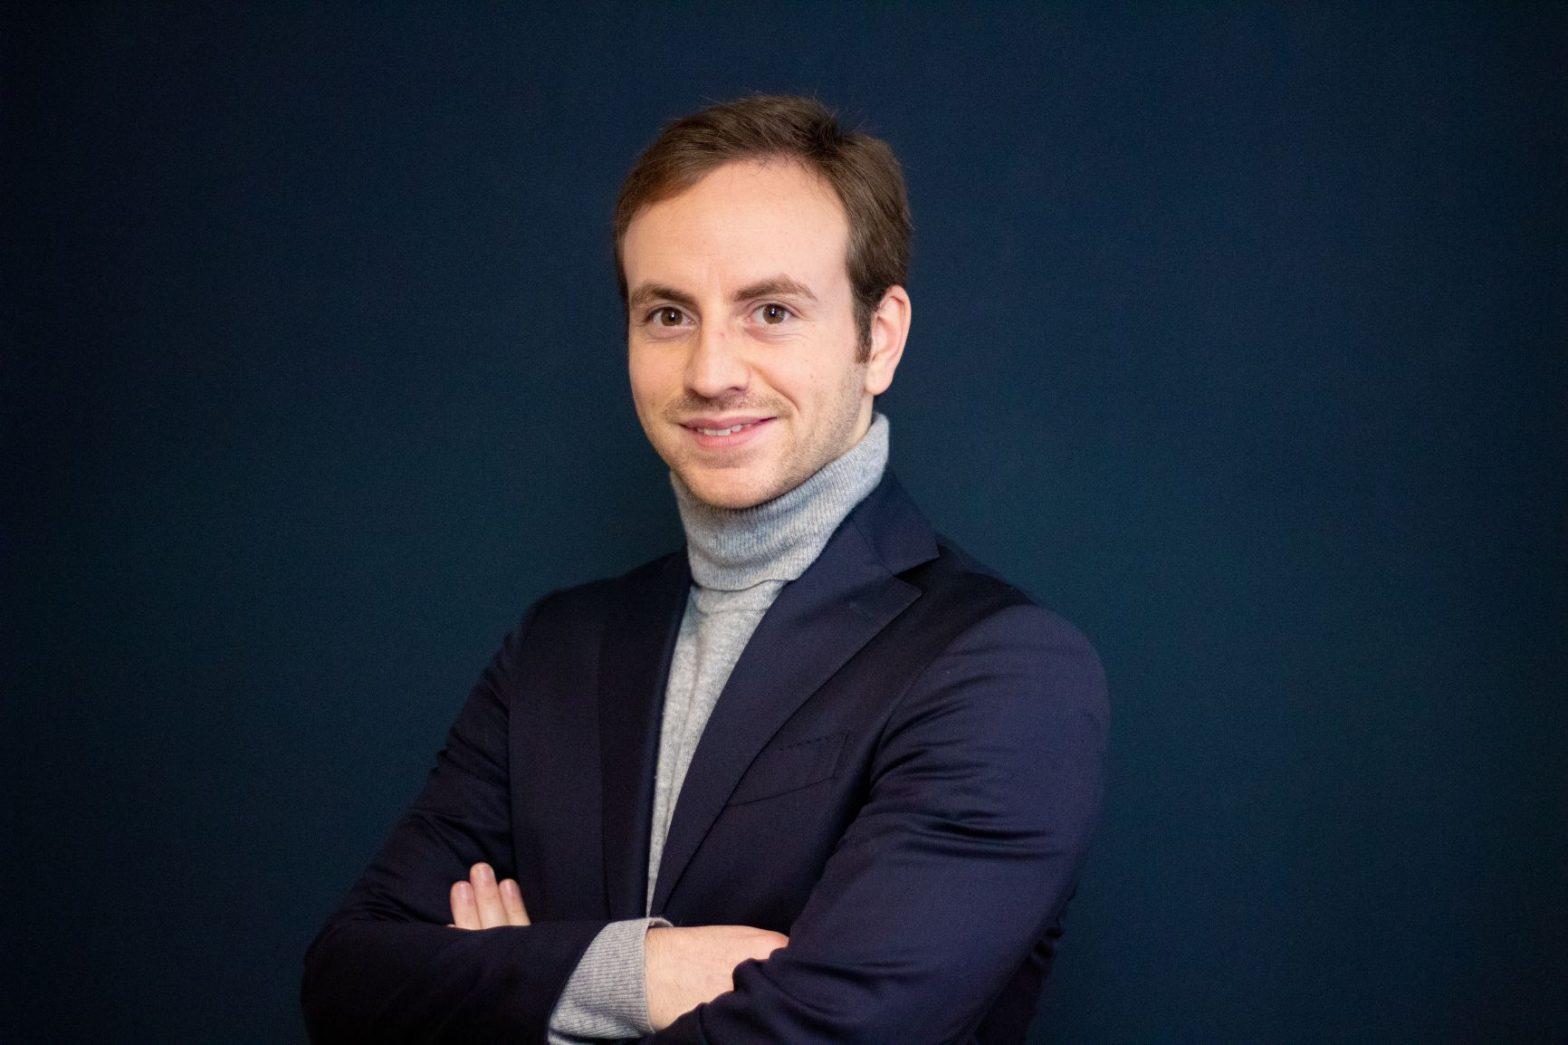 Giuseppe Zaffiro Puopolo Portfolio Manager Moneyfarm